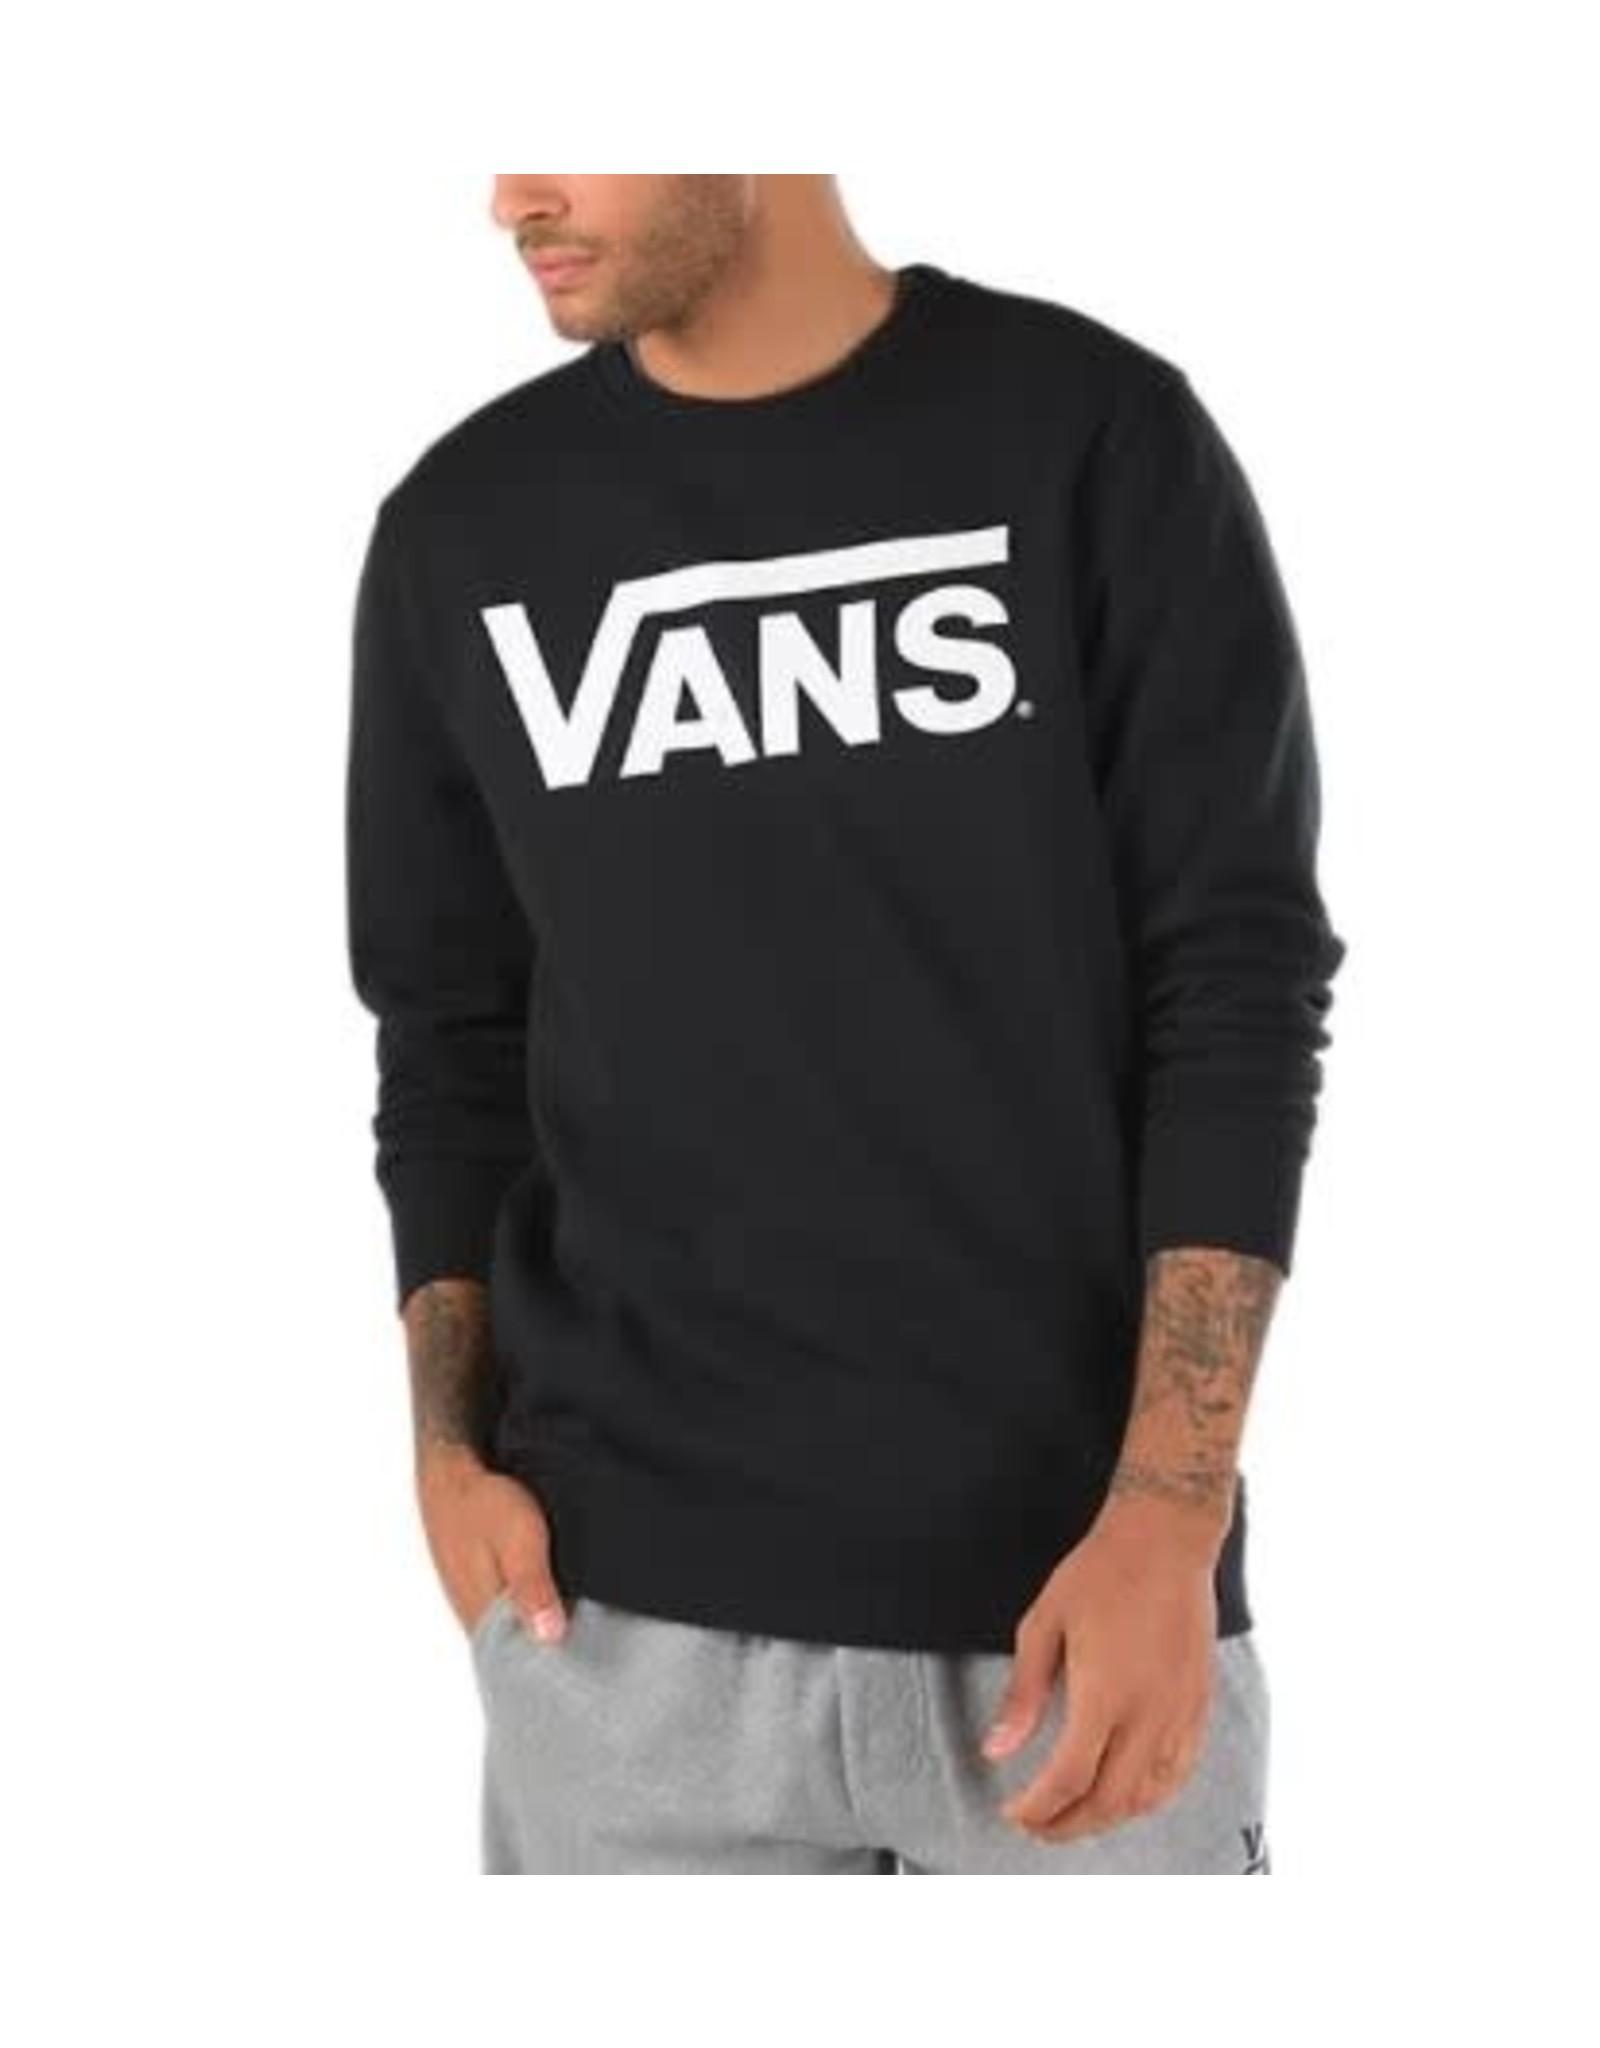 vans Vans - Ouaté homme classic crew black/white